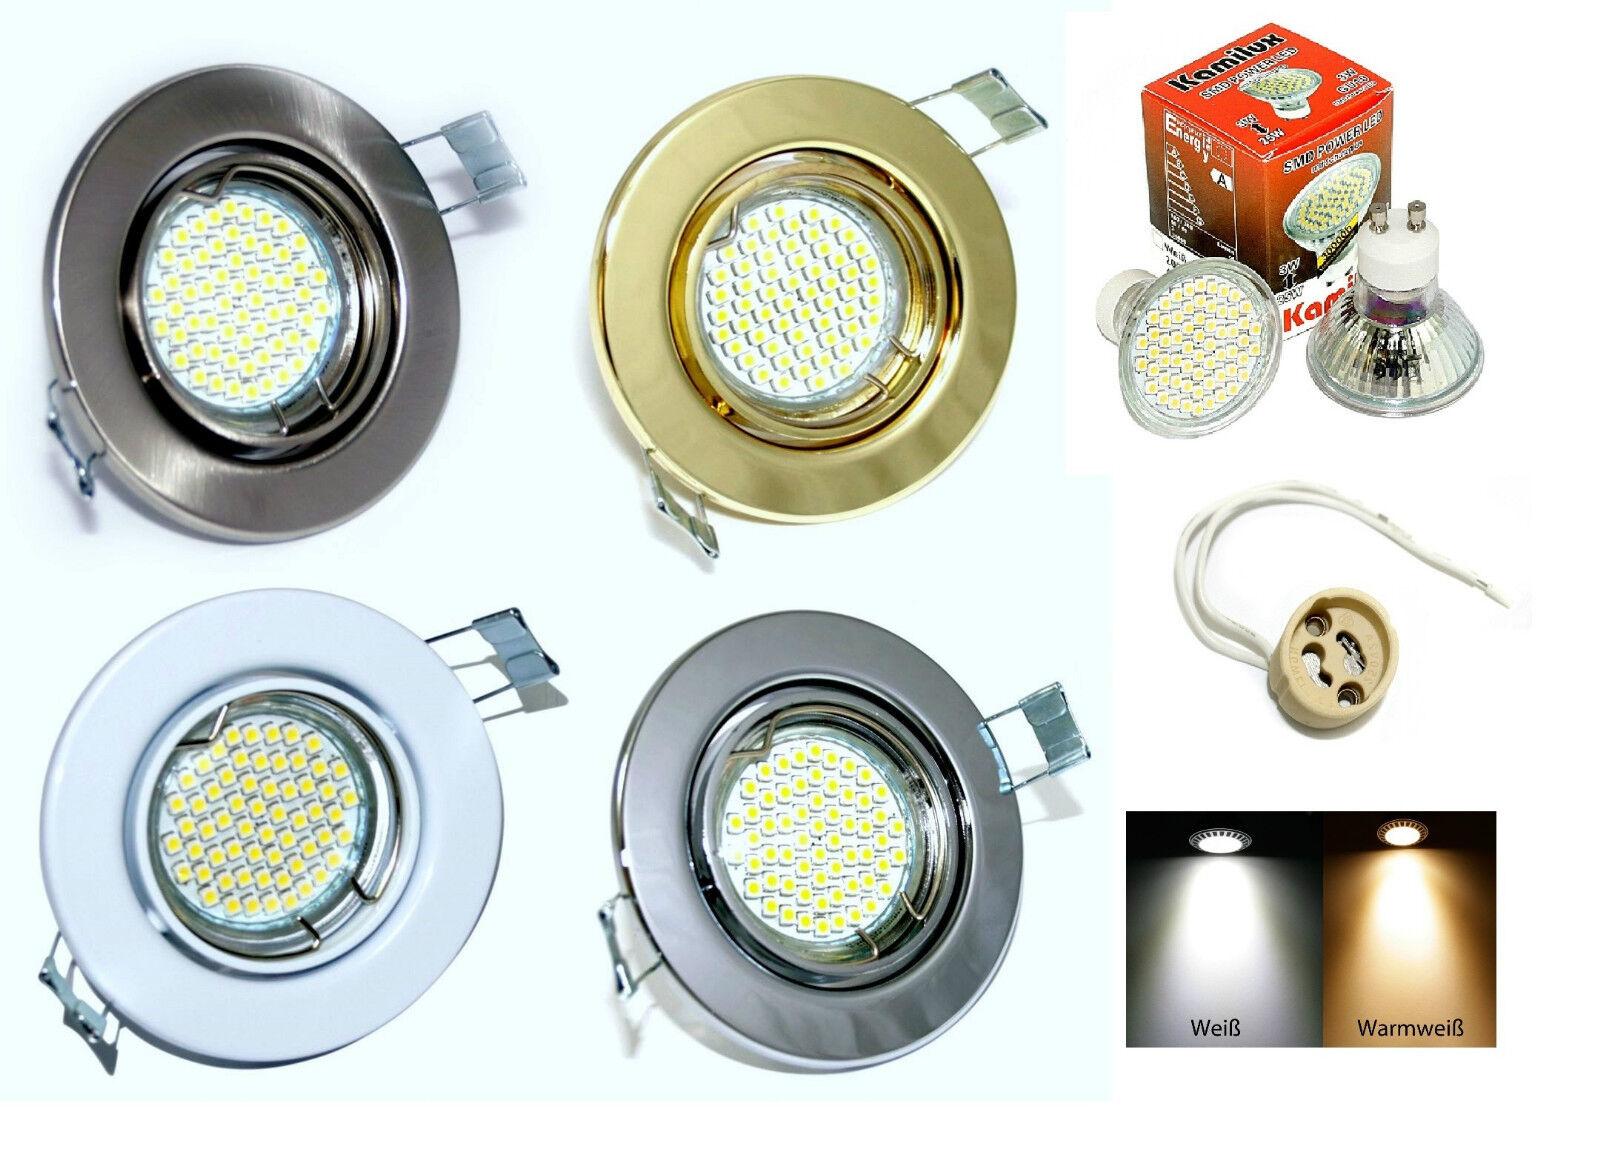 LED Einbau Lampe 230V Lia GU10 Fassung 10er SMD 3 Watt = 25 Watt